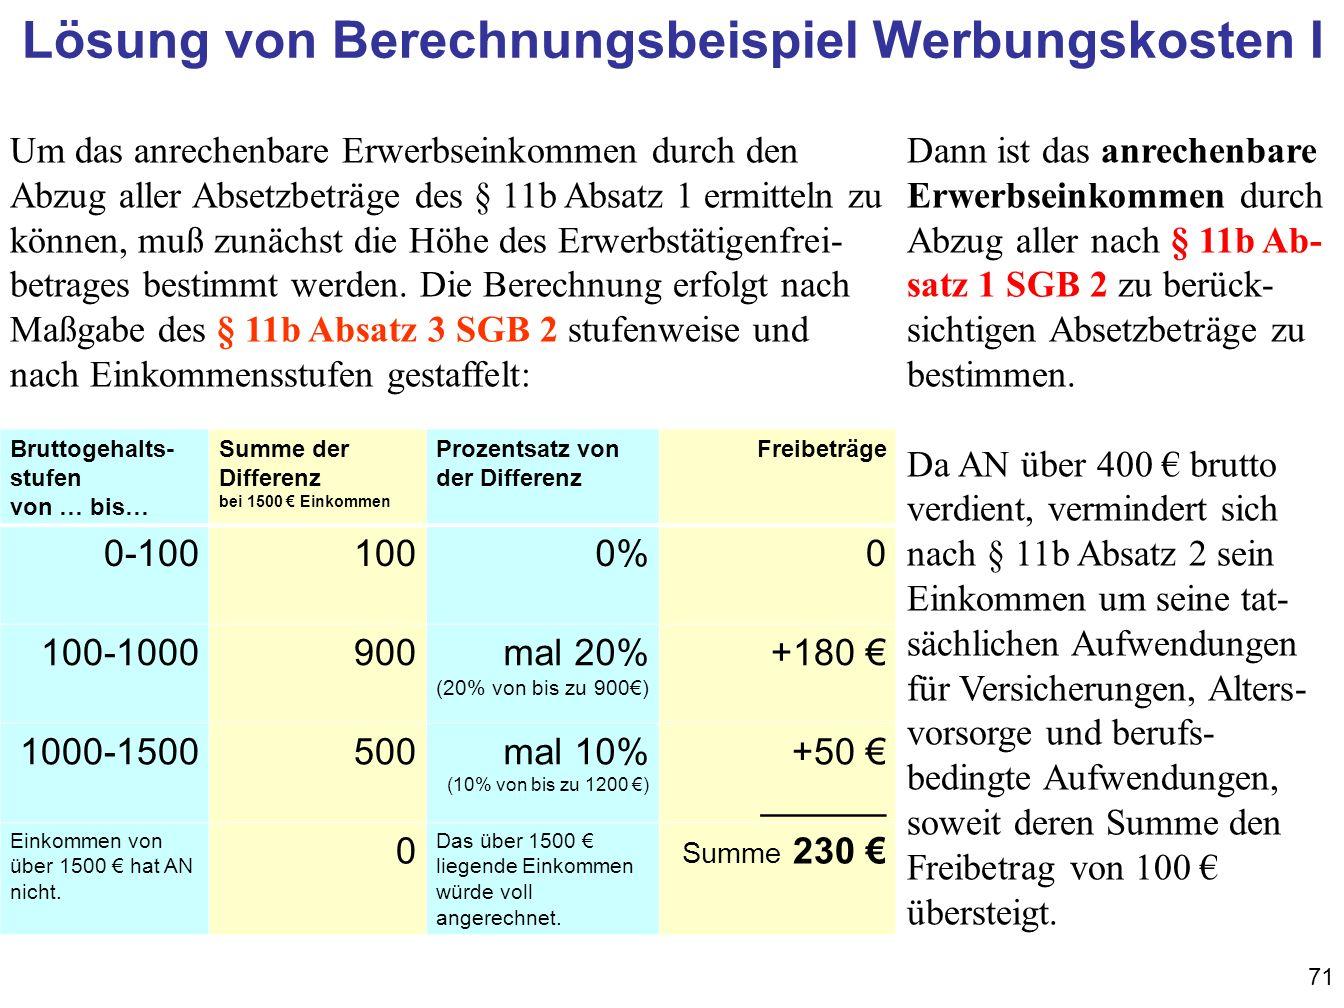 Lösung von Berechnungsbeispiel Werbungskosten I